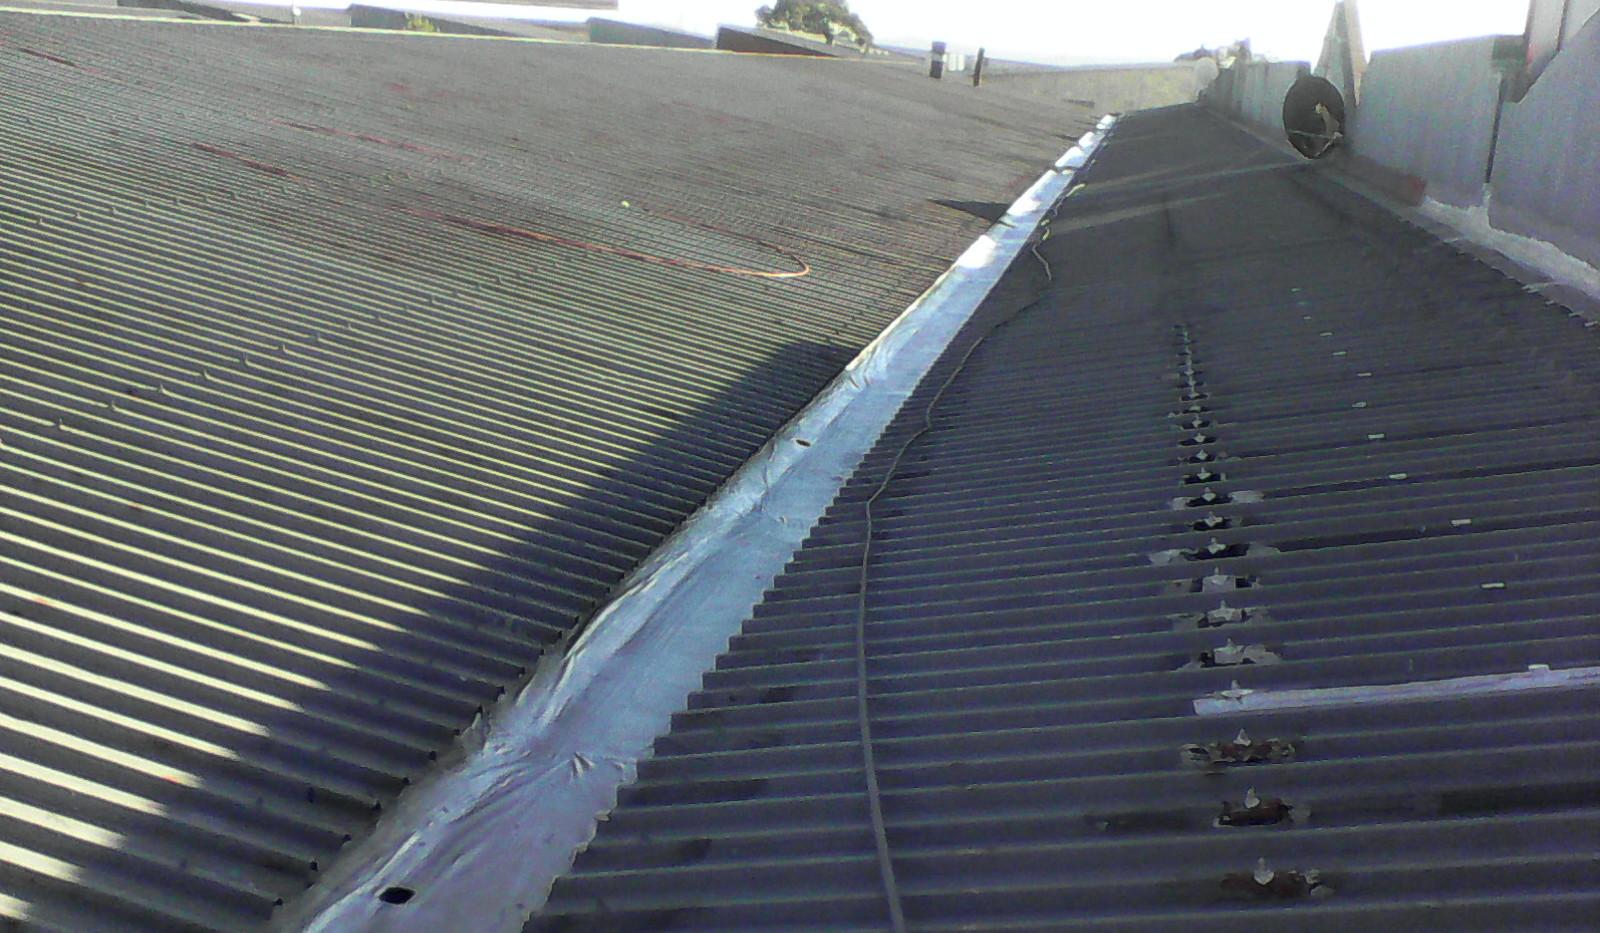 Box gutter repair johannesburg